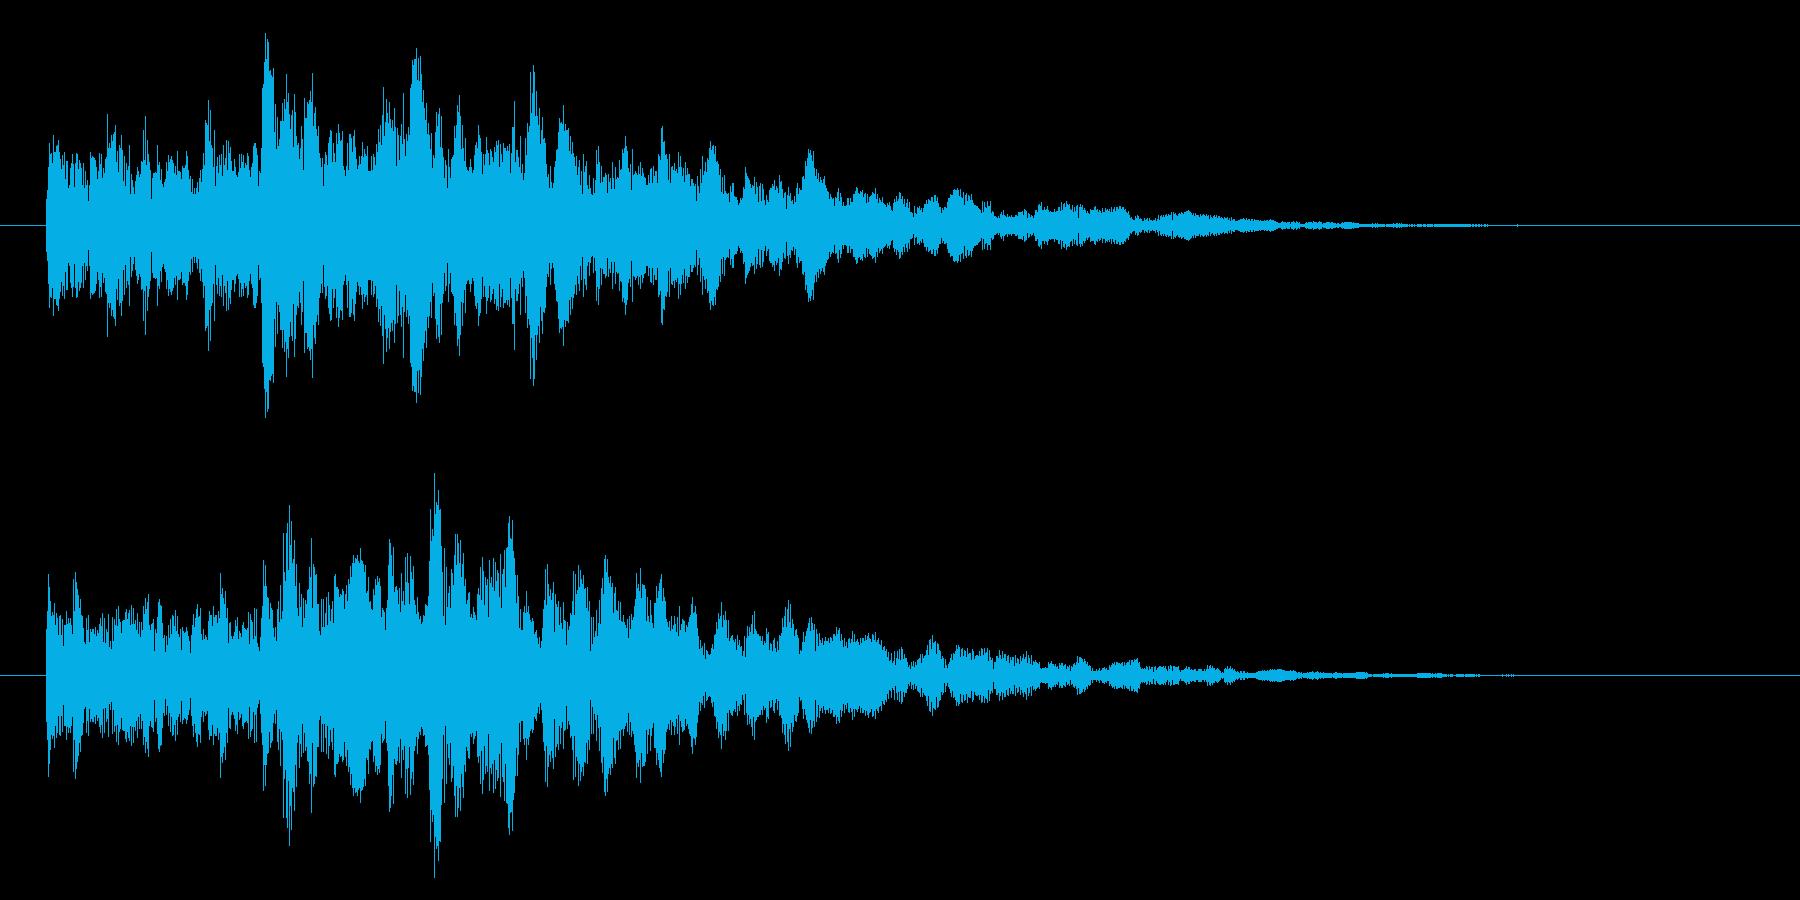 システム・ボタン音3の再生済みの波形